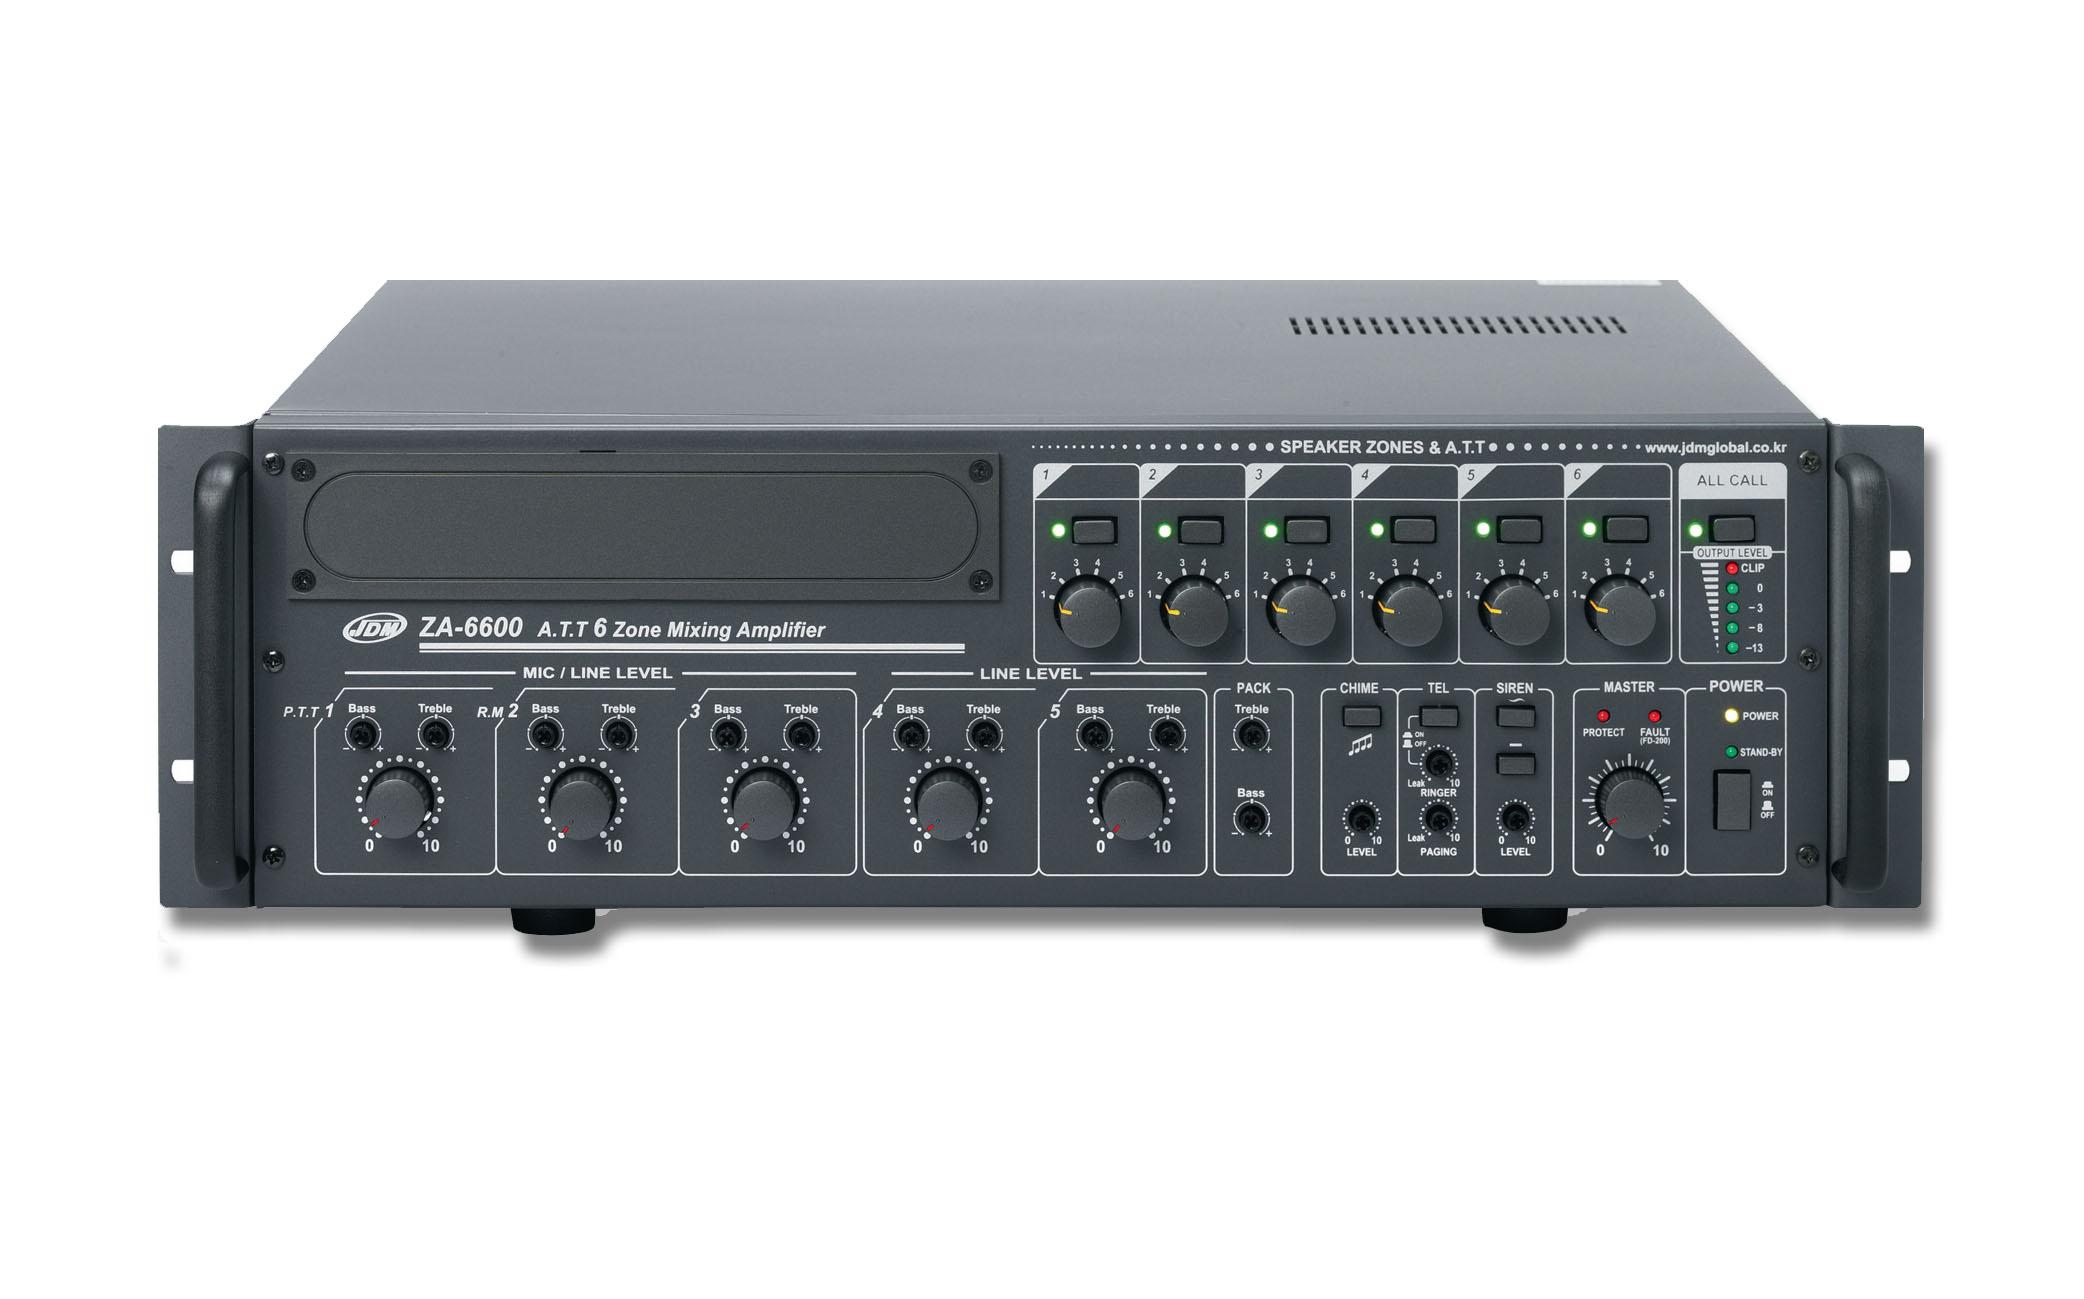 100V amplifiers jd-media